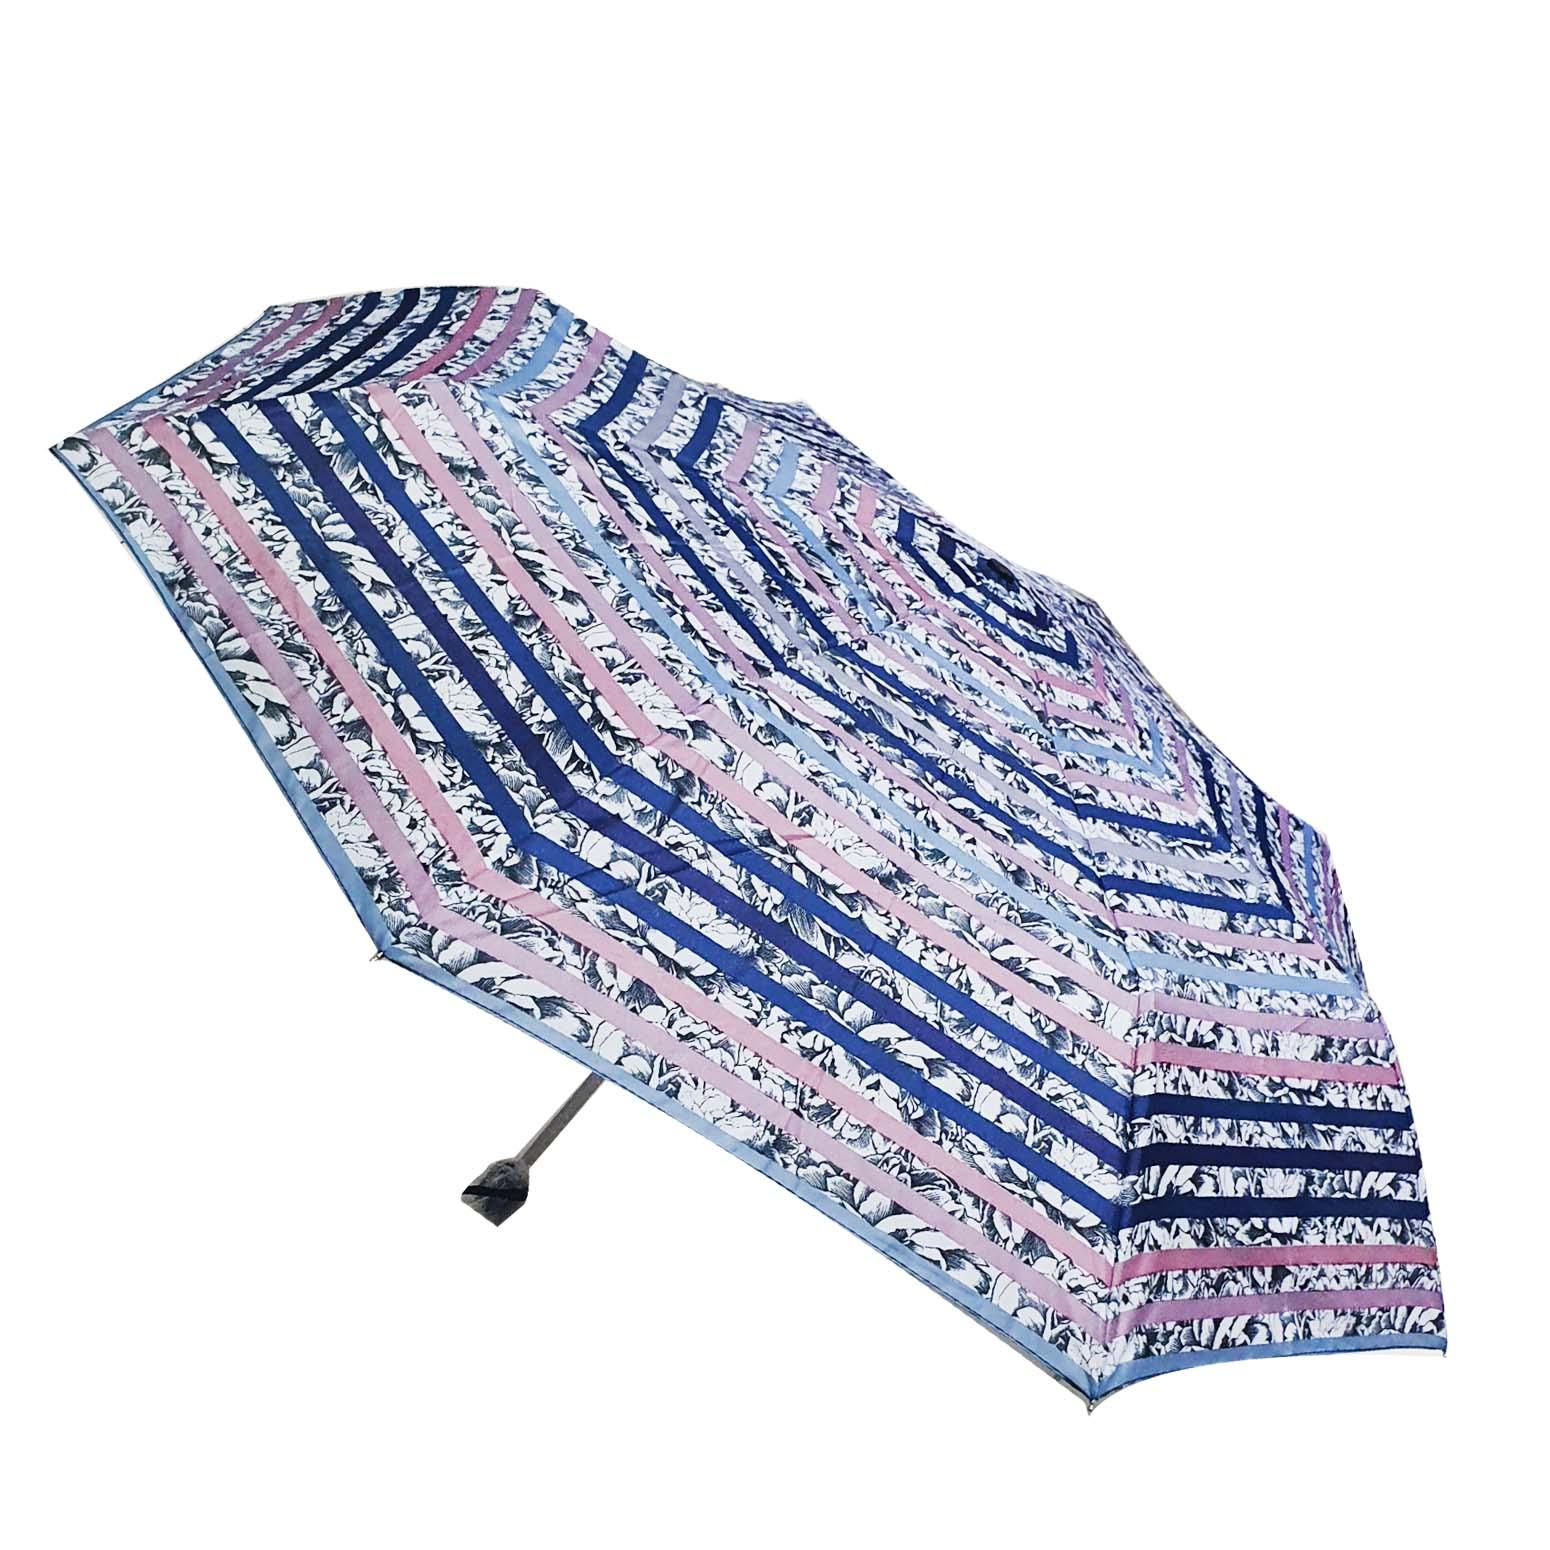 23in Umbrella-Auto #42001002083